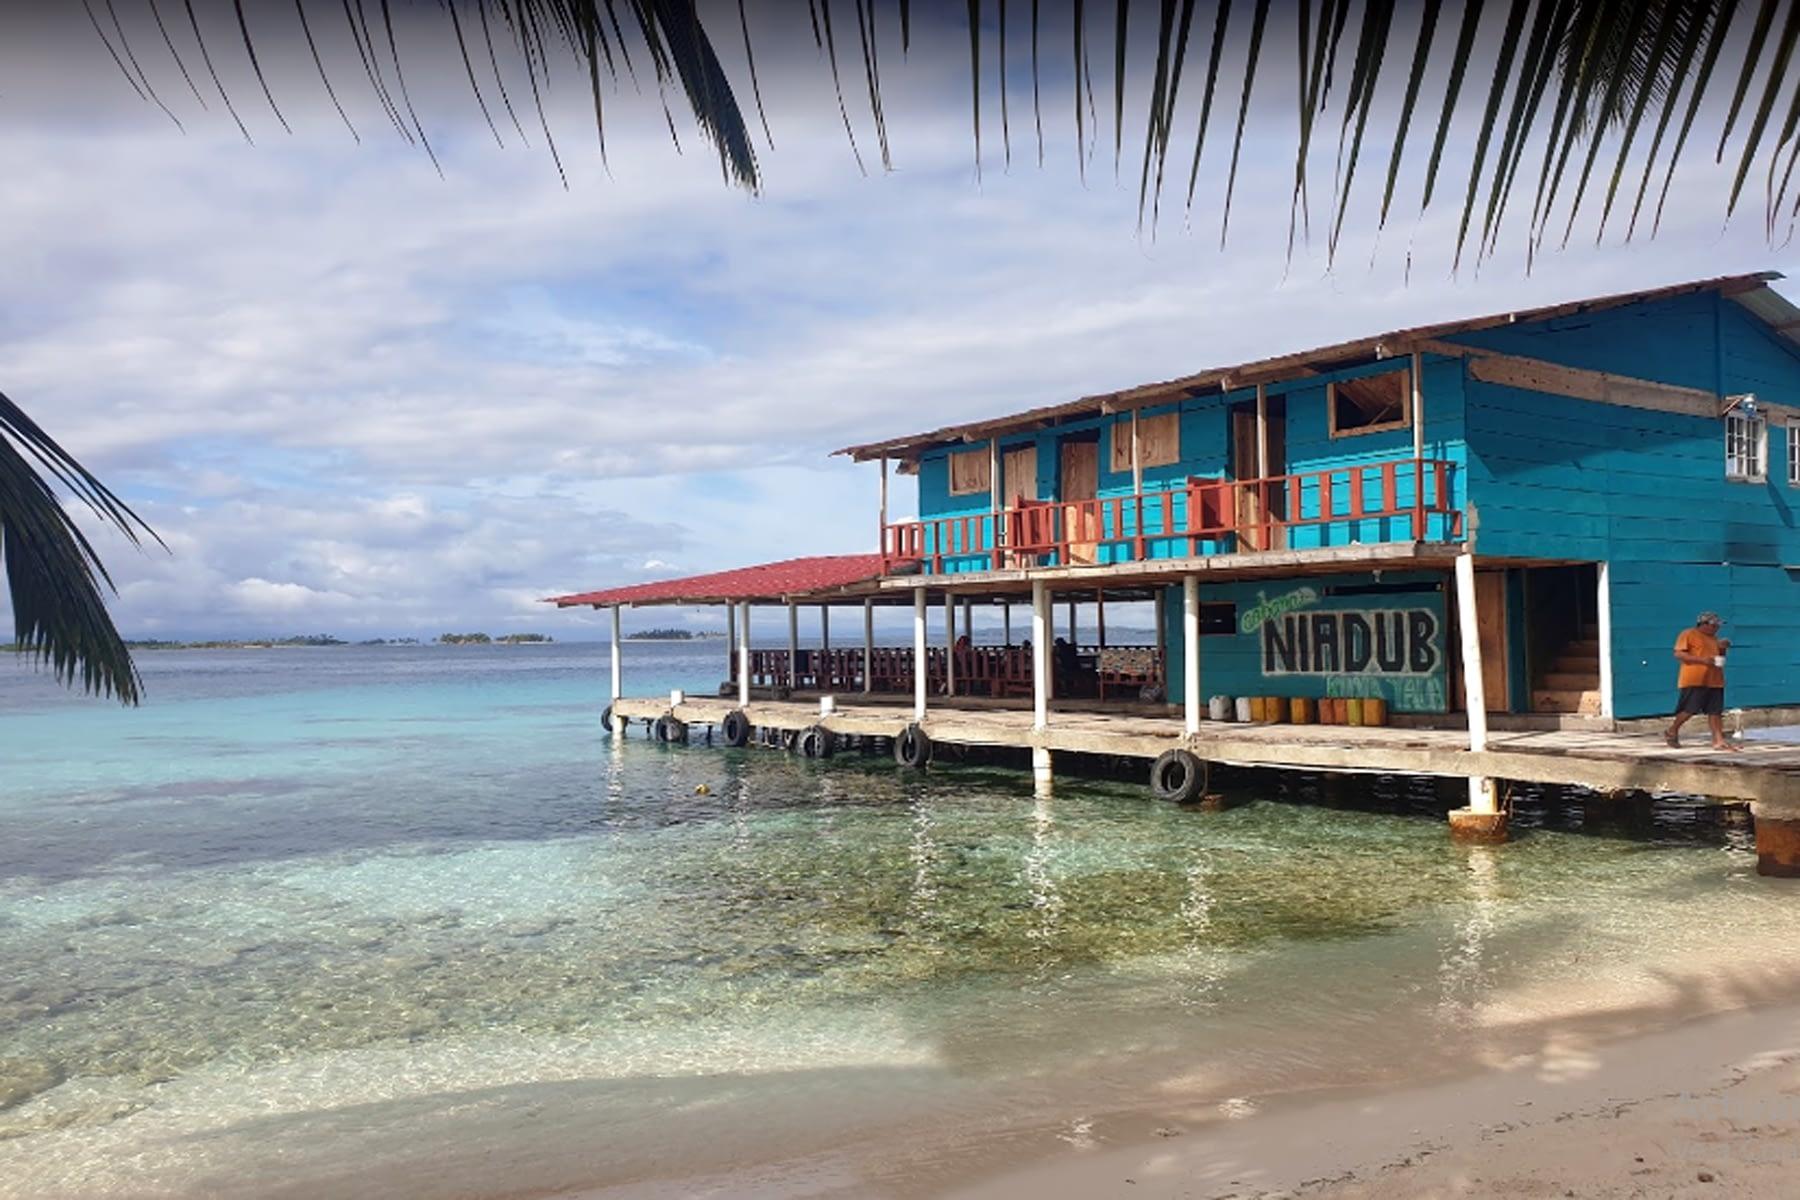 Restaurante sobre el mar en la isla Niadub